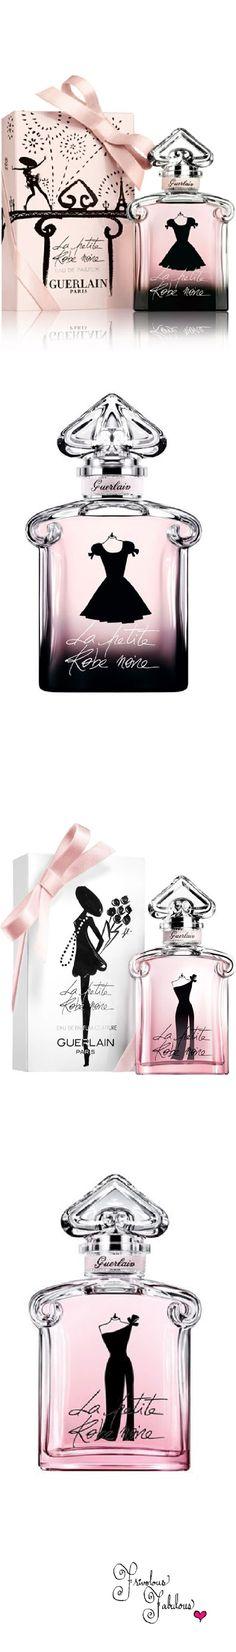 Frivolous Fabulous - Guerlain Perfume for MISS MILLIONAIRESS'S Boutique